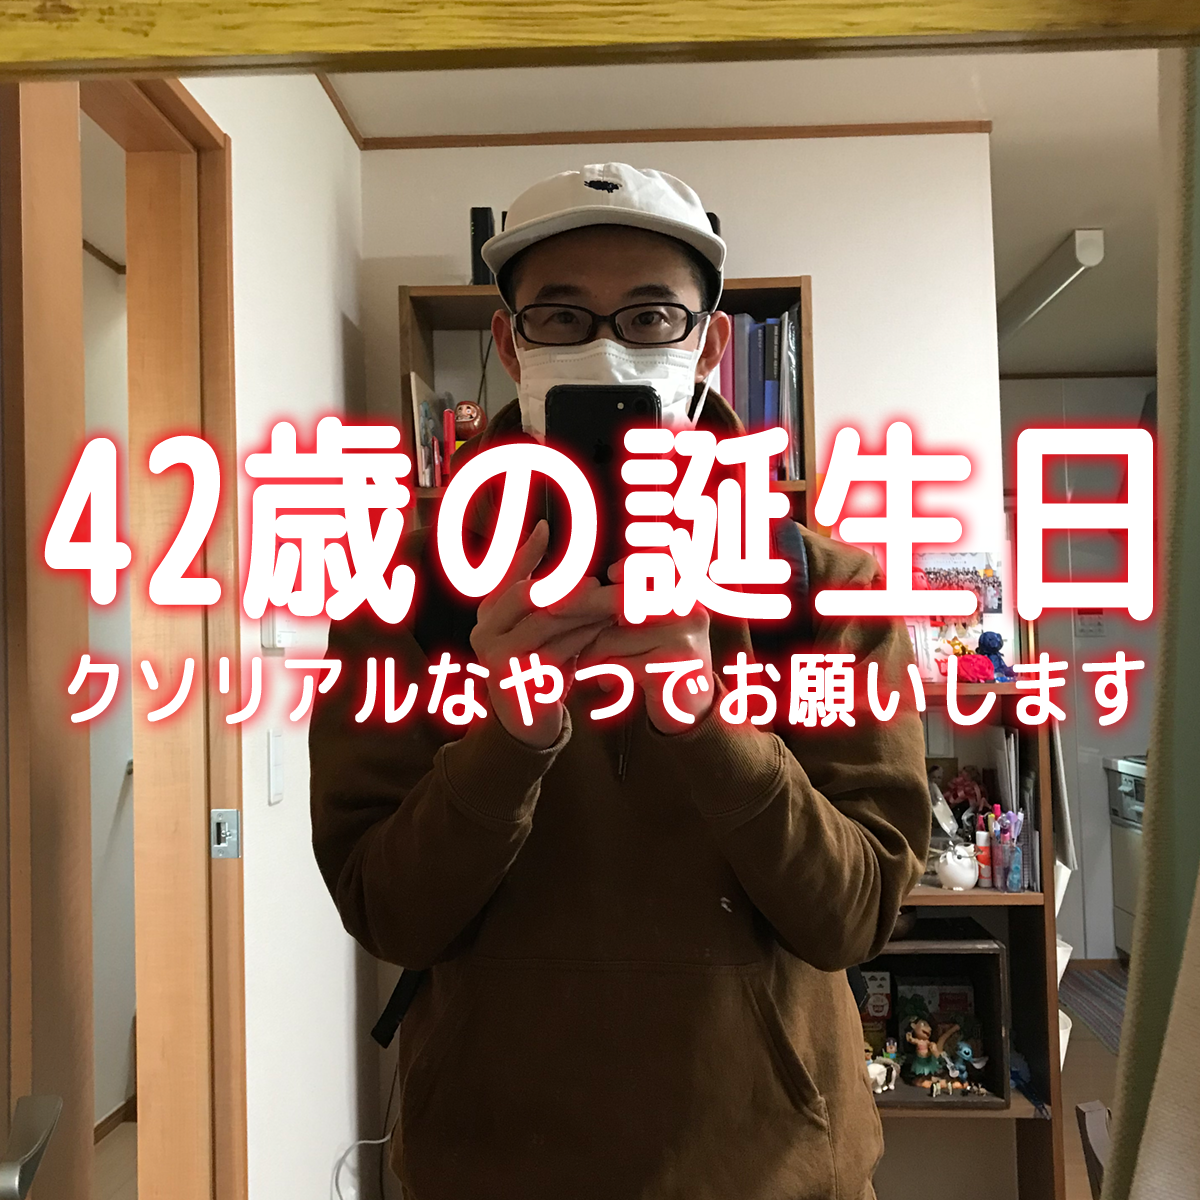 42歳の誕生日